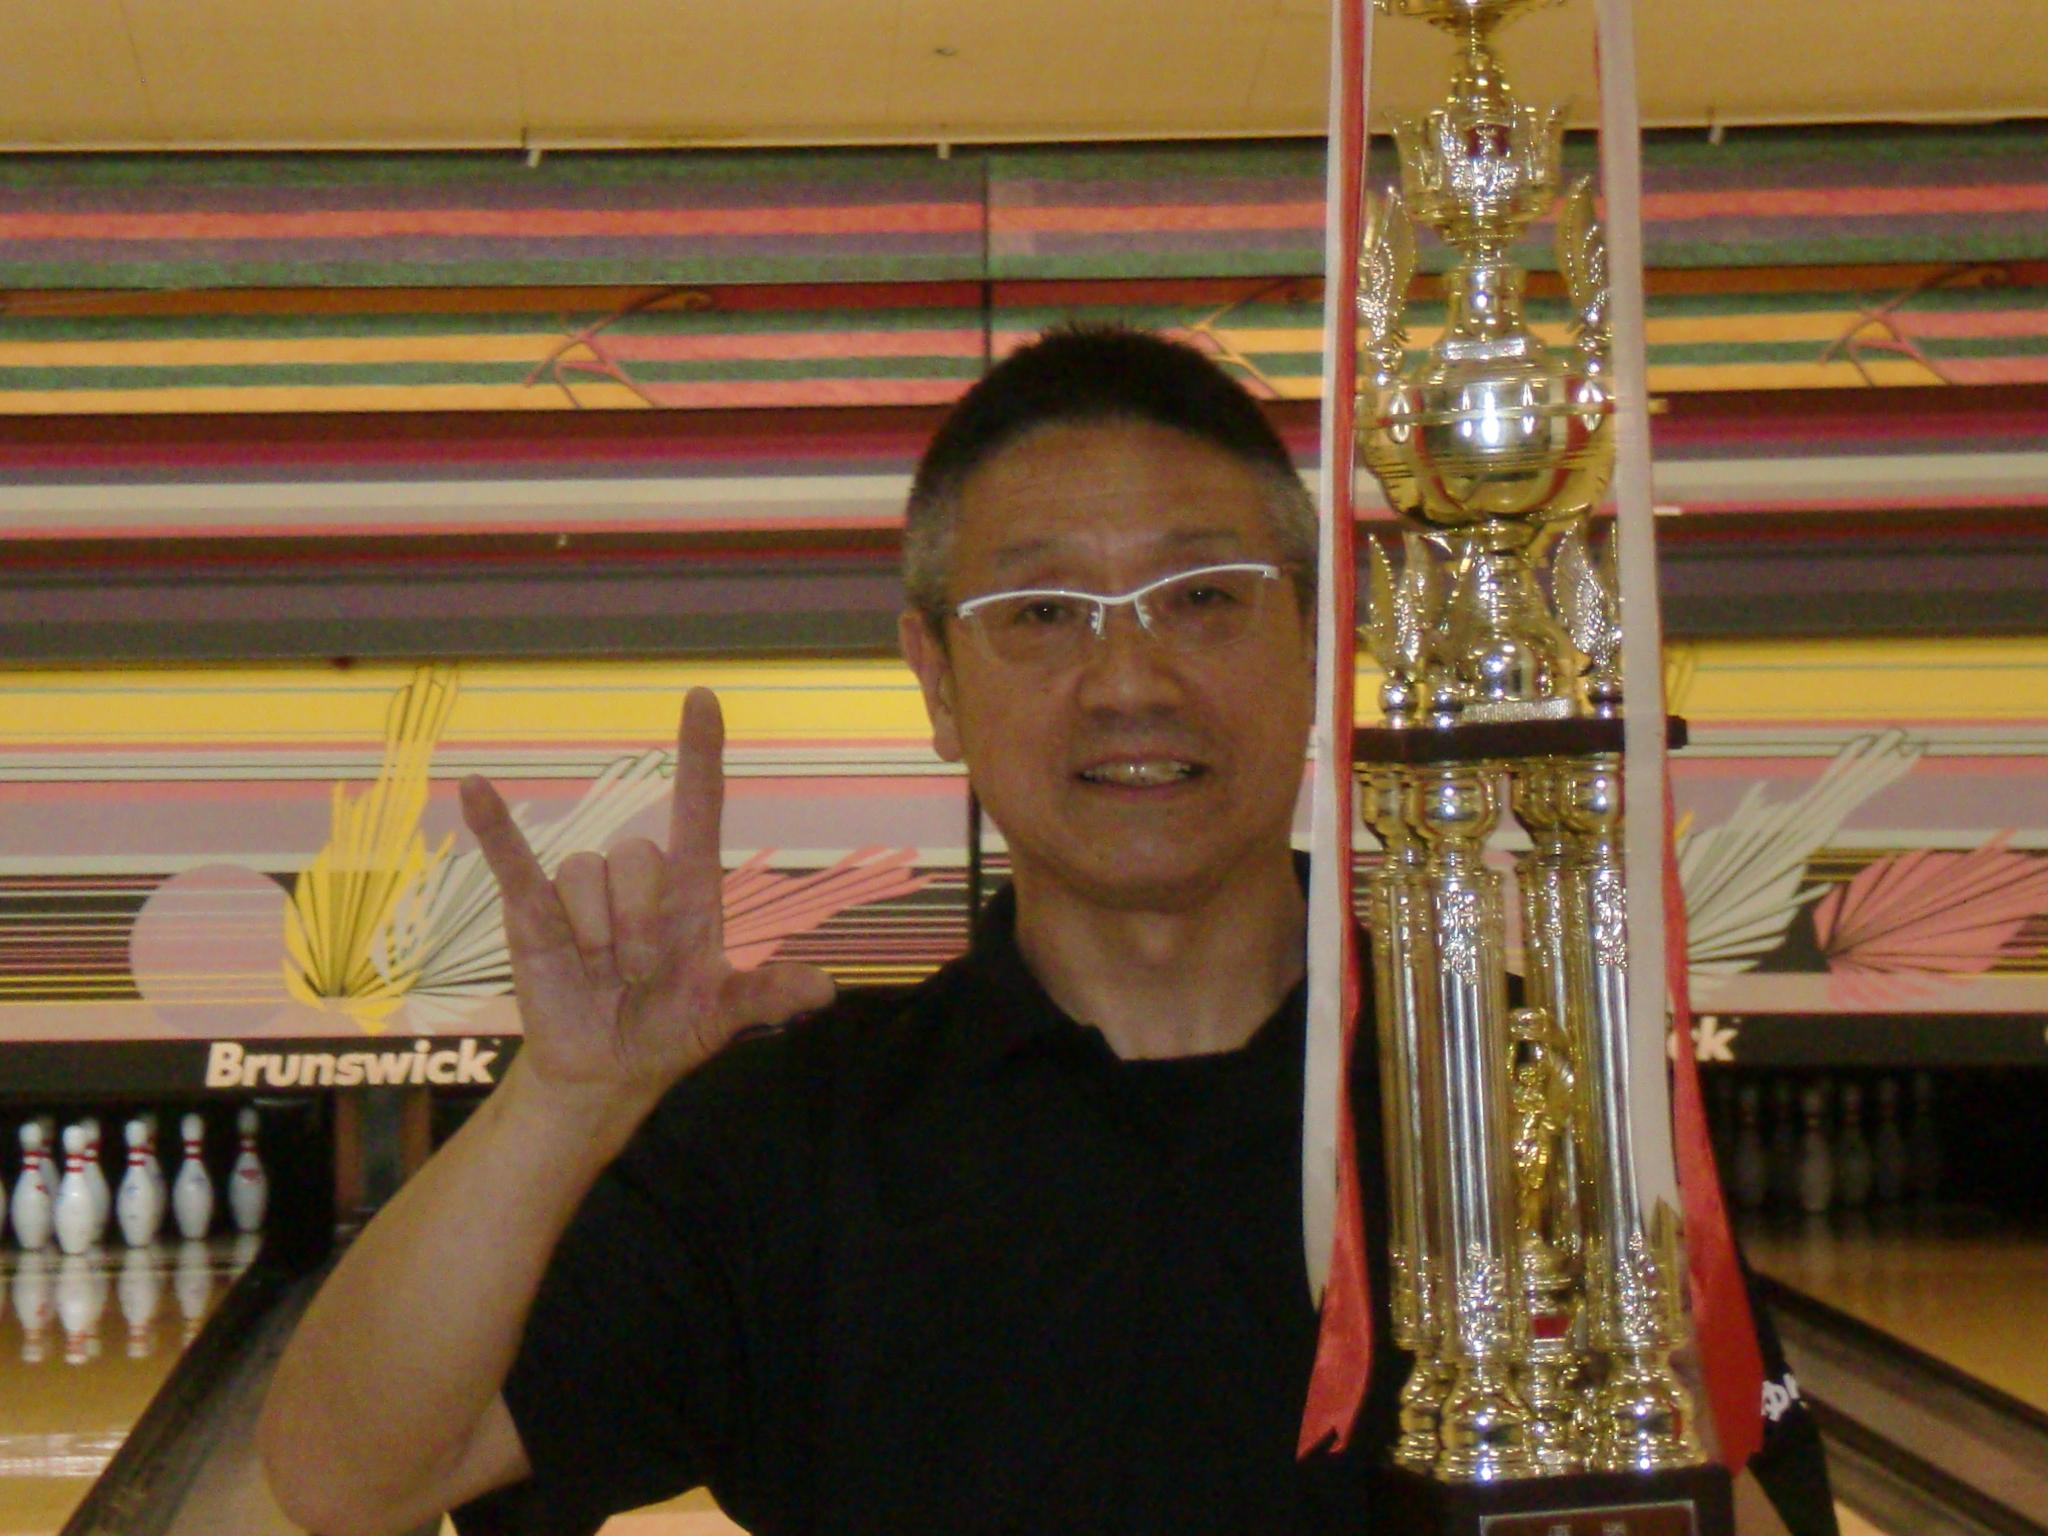 4月度マンスリーチャンピオン - 古 川 英 徳